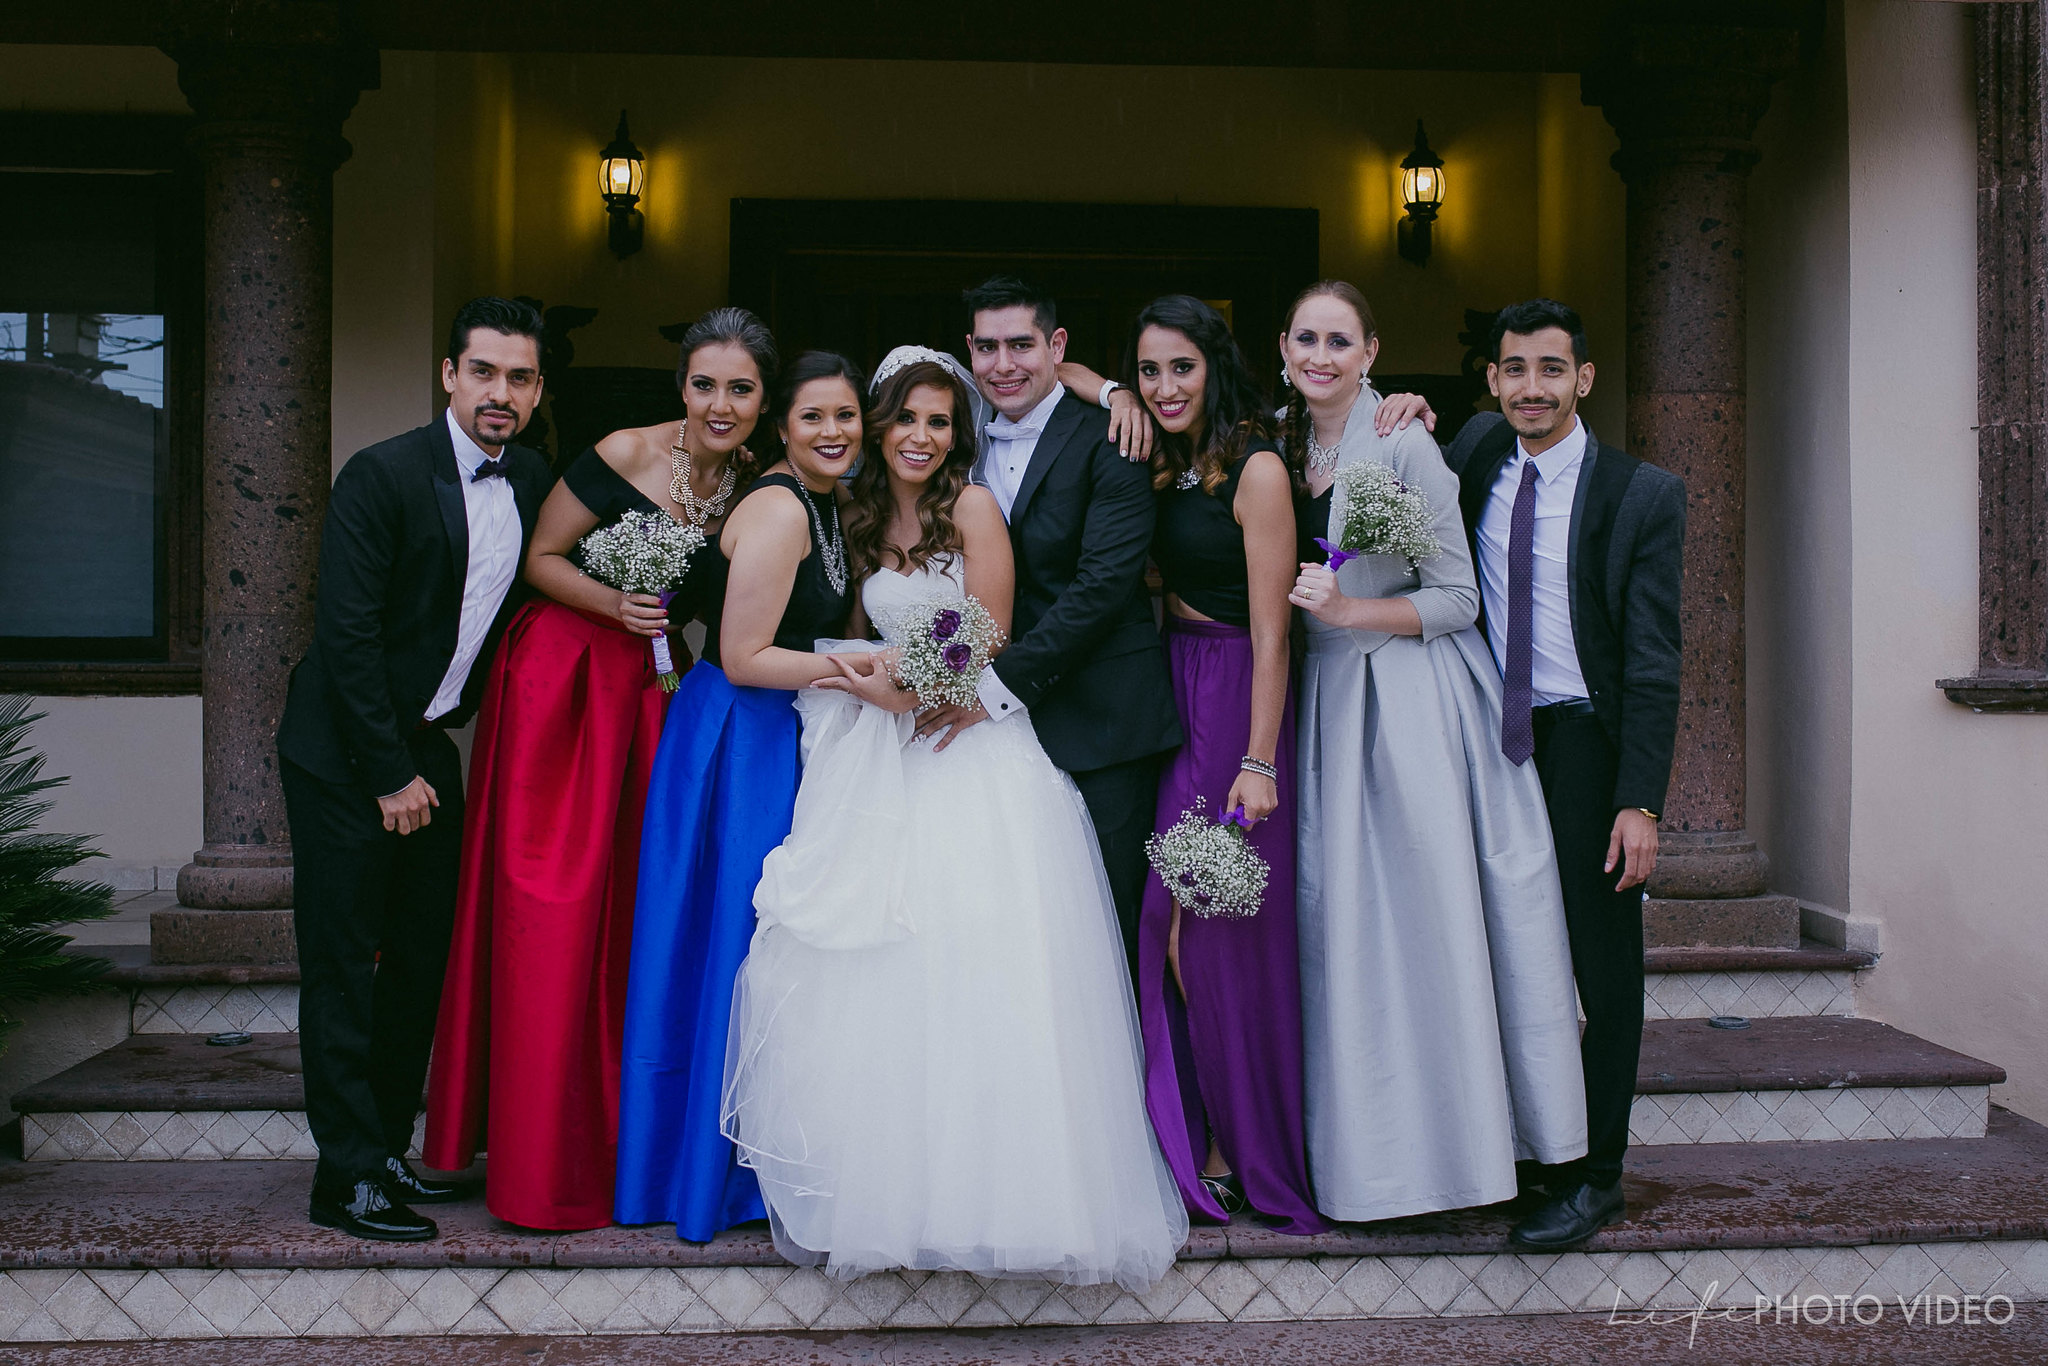 Boda_LeonGto_Wedding_LifePhotoVideo_0025.jpg